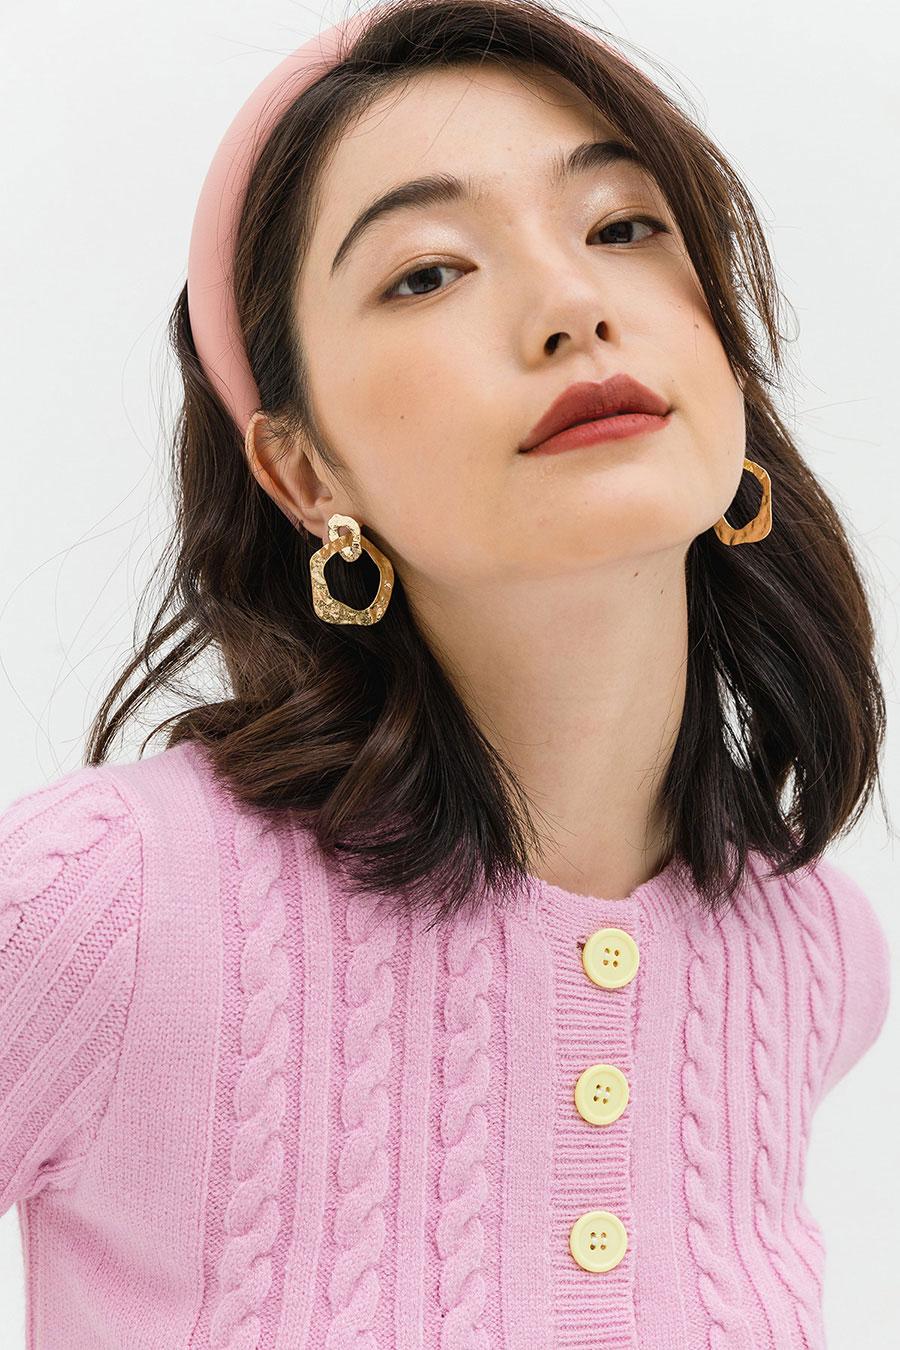 BARNIER EARRING - GOLD